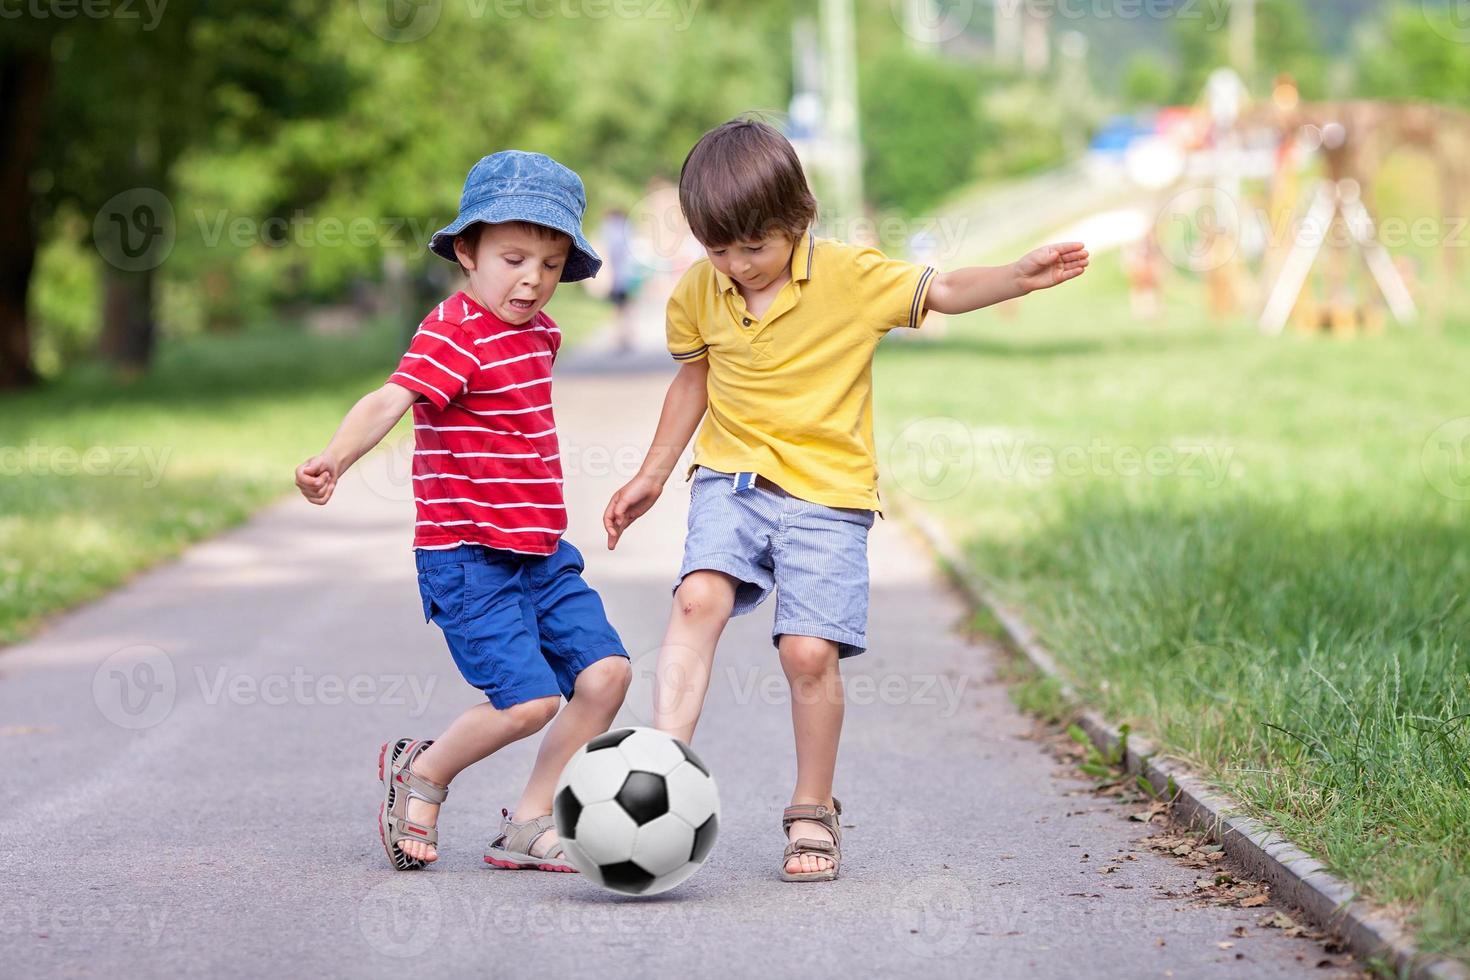 dos lindos niños pequeños, jugando al fútbol juntos, en verano foto